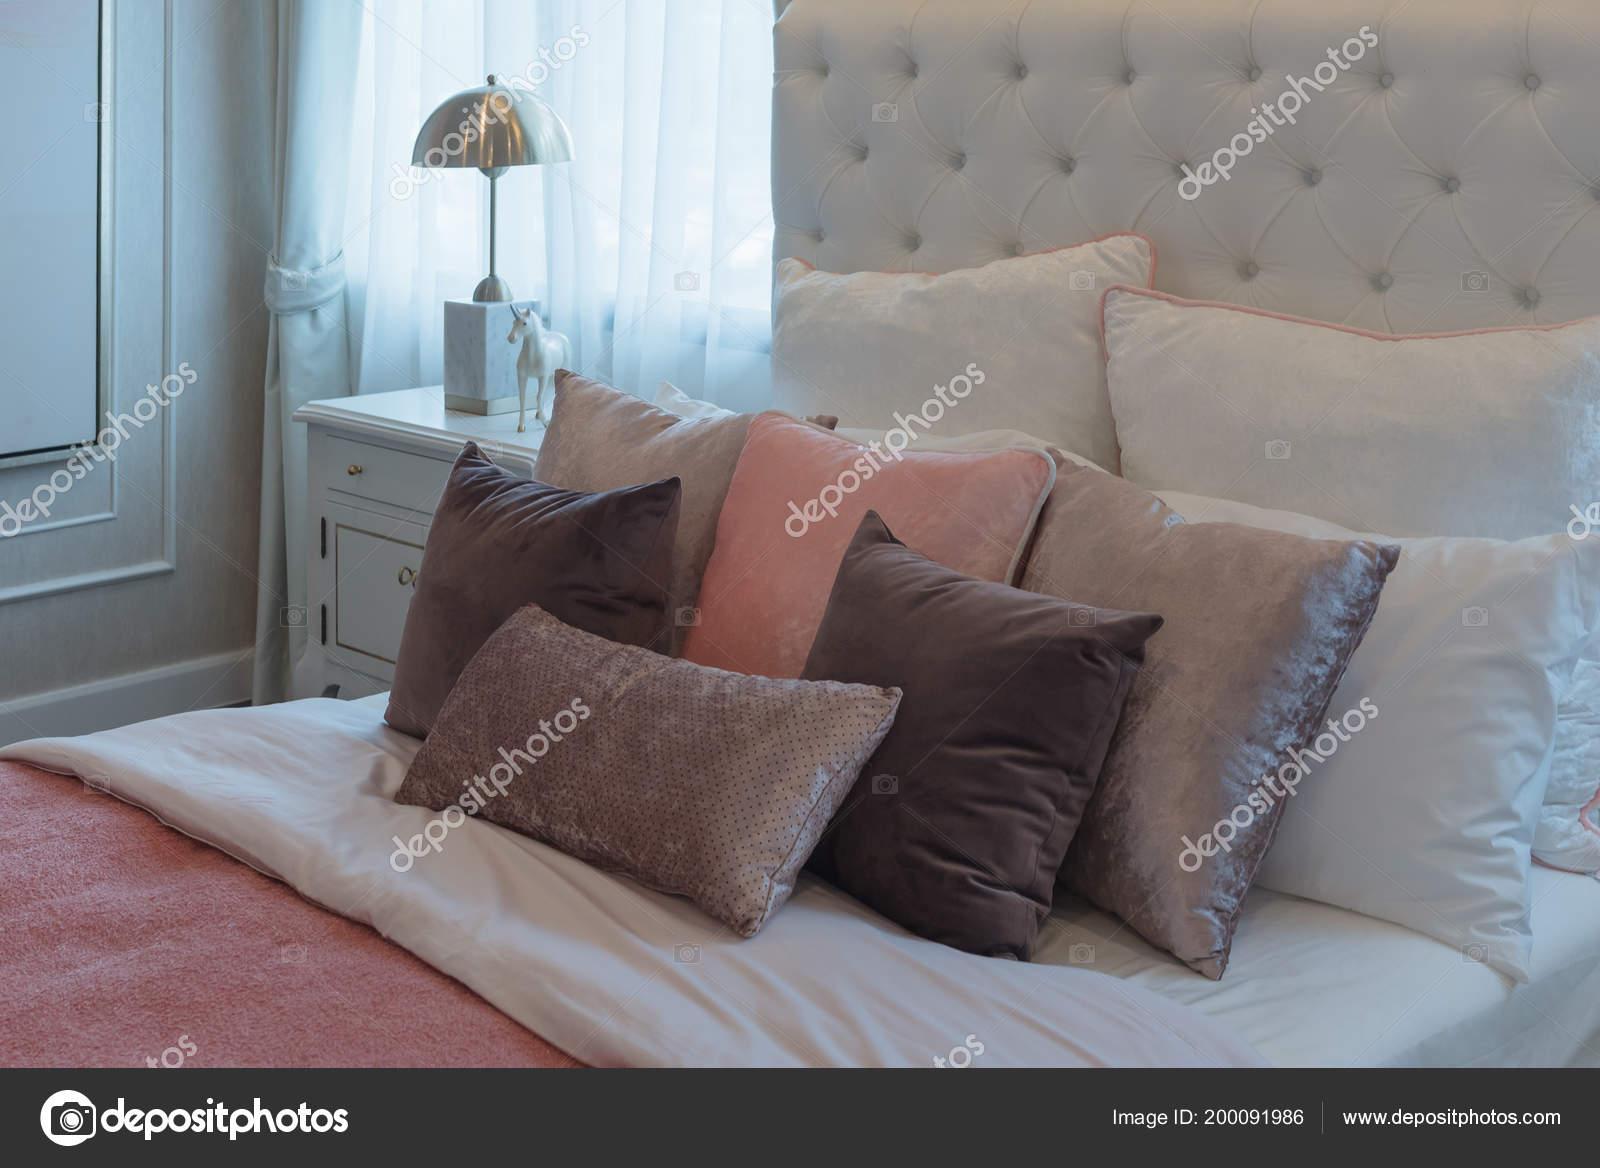 Luxe suite slaapkamer met set roze kussens bed interieur decoratie